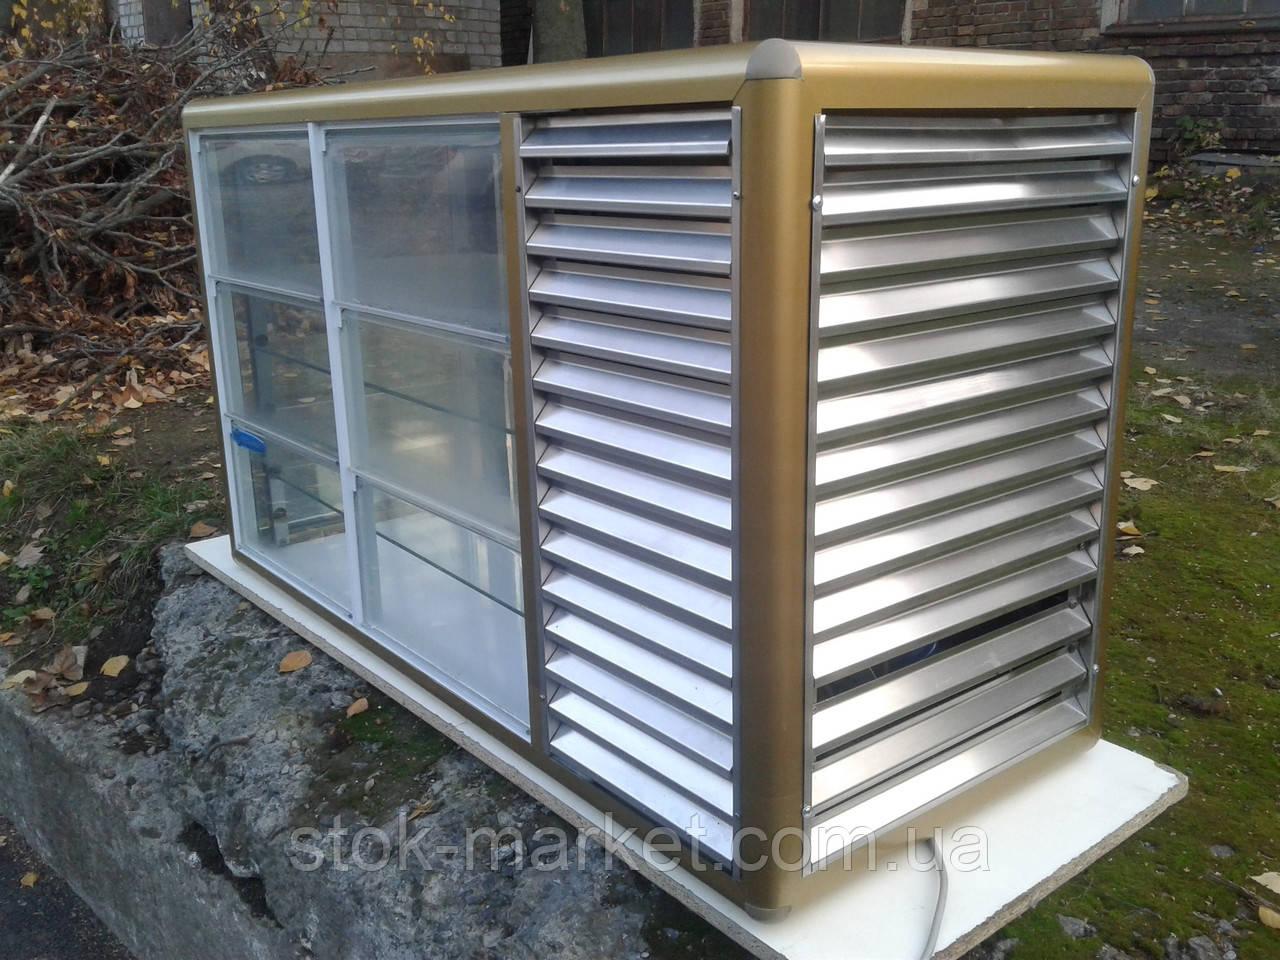 Холодильная настольная витрина Tecfrigo б/у, гастрономическая настольная витрина б у, витрина настольная б/у